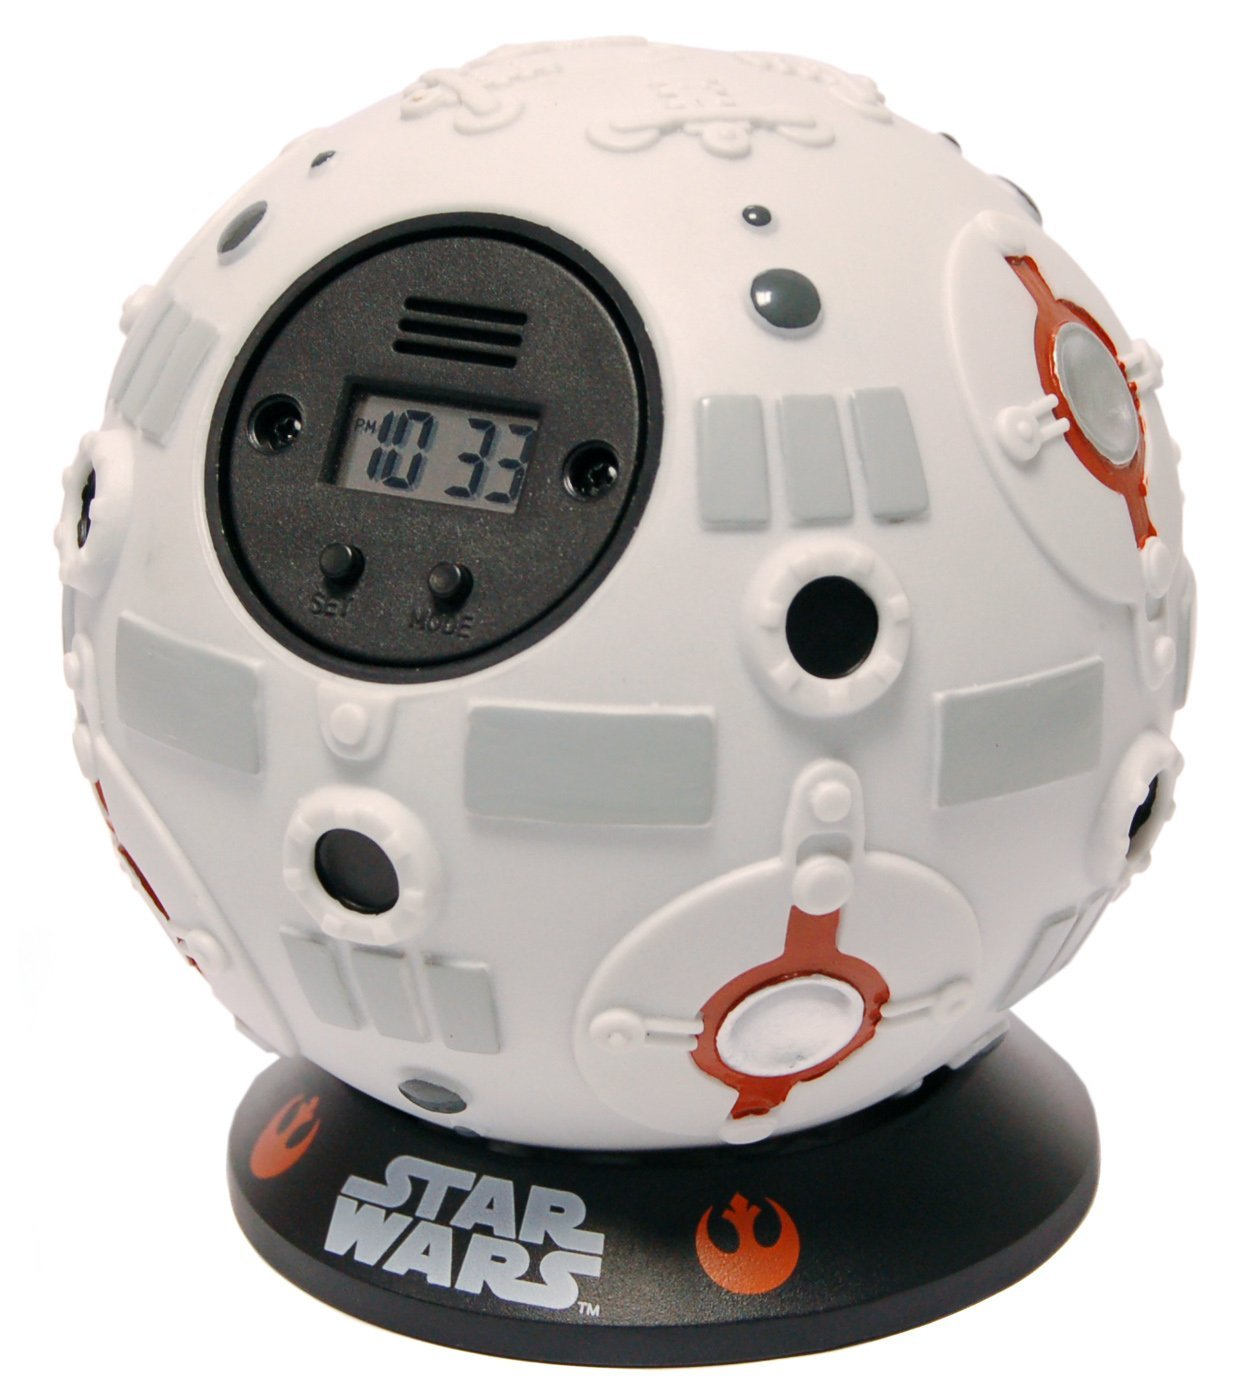 Productos Star Wars